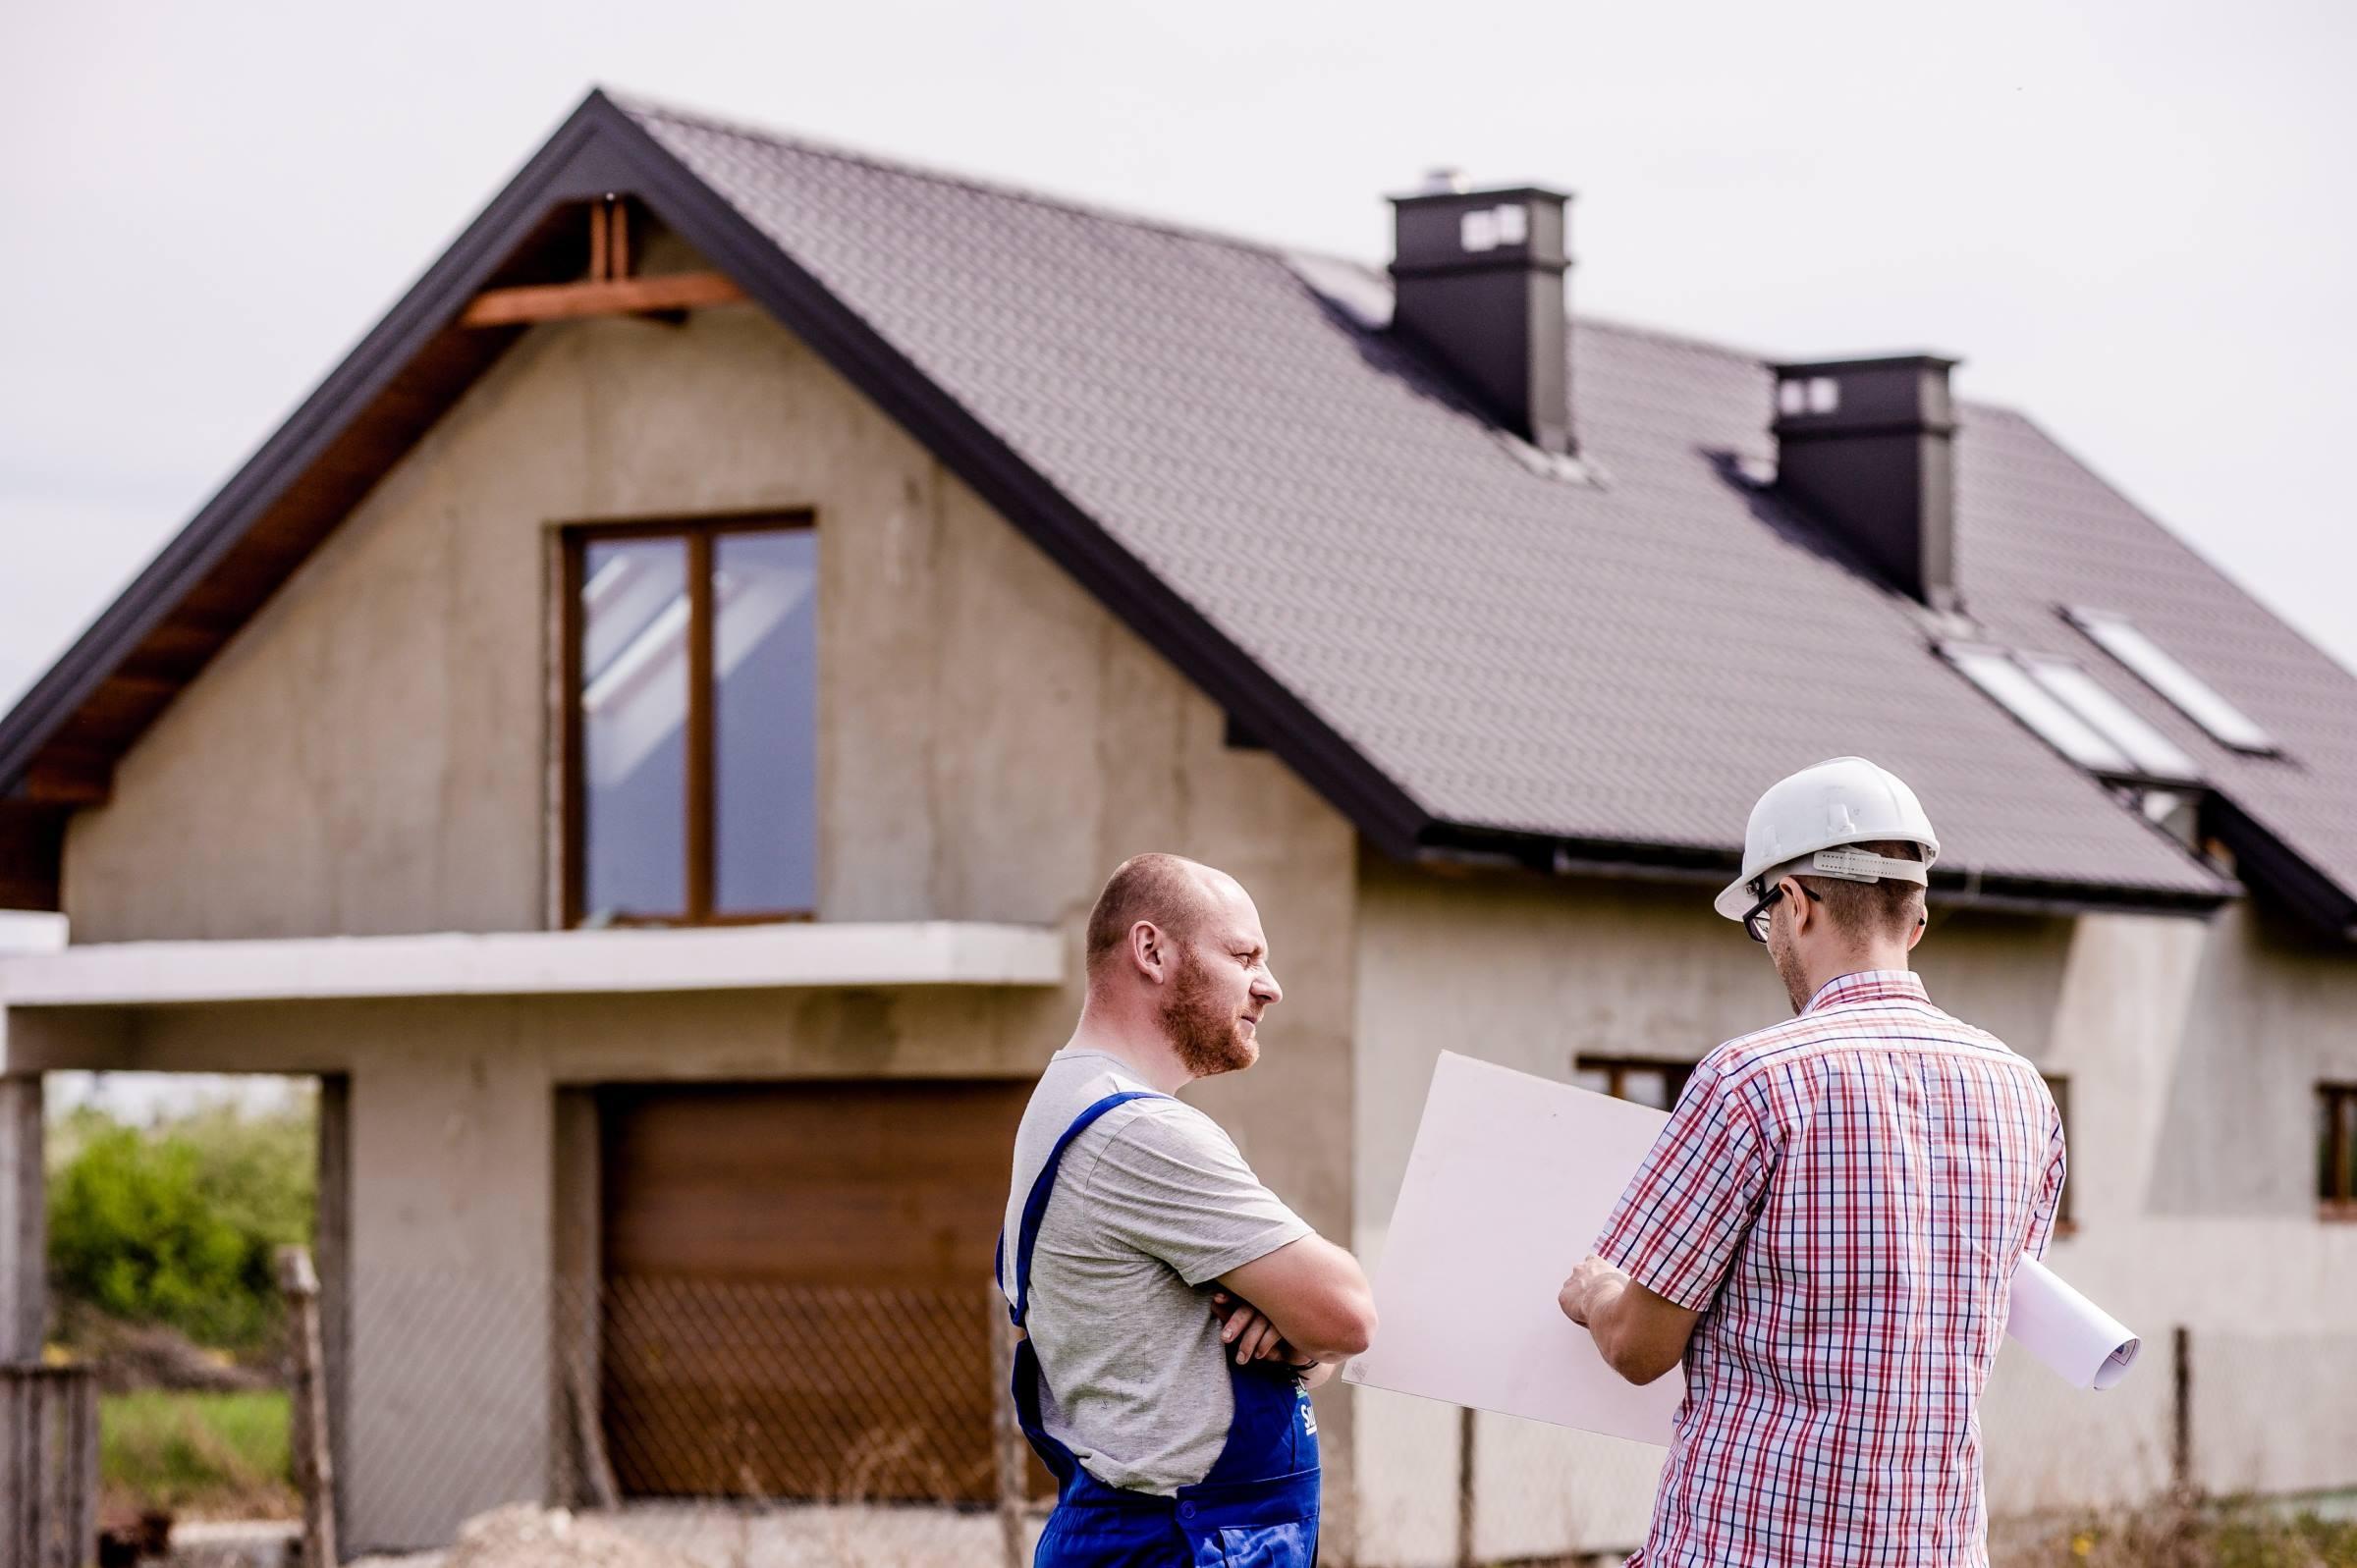 Workers builder architect plans blueprints house